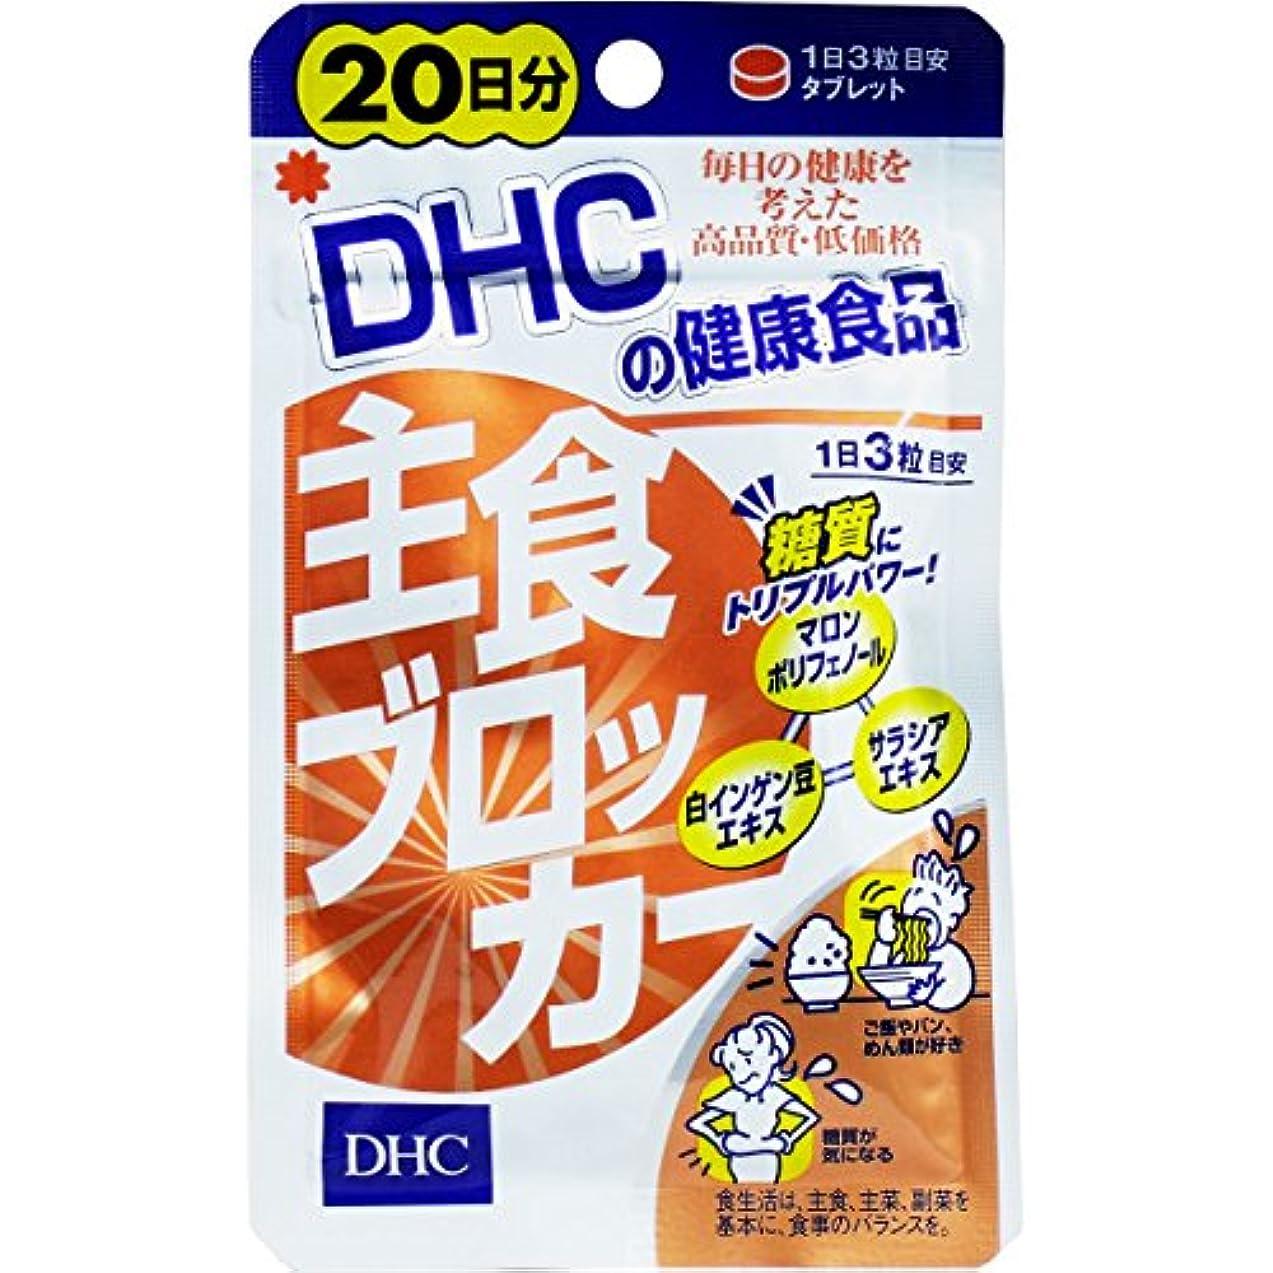 オーストラリア専門医療のサプリ 主食好きさんの、健康とダイエットに 話題の DHC 主食ブロッカー 20日分 60粒入